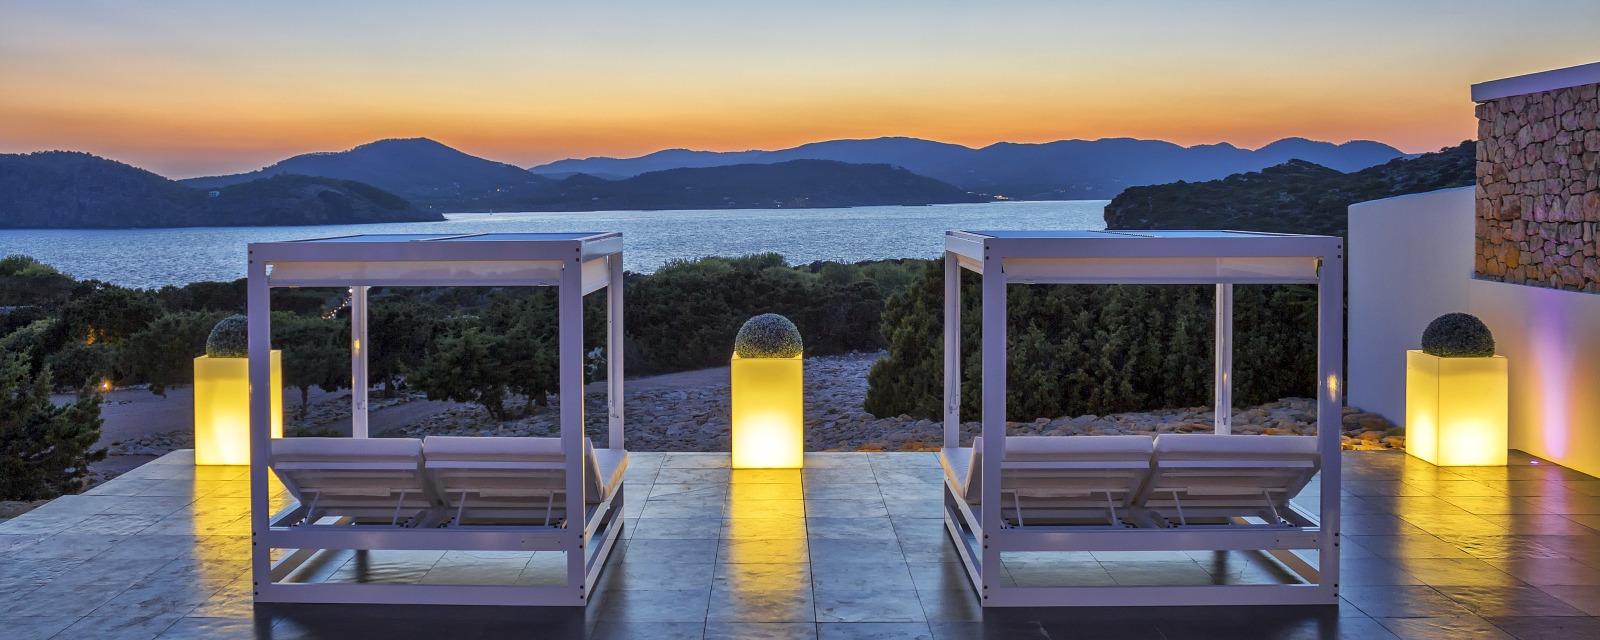 Ibiza Private Island 6